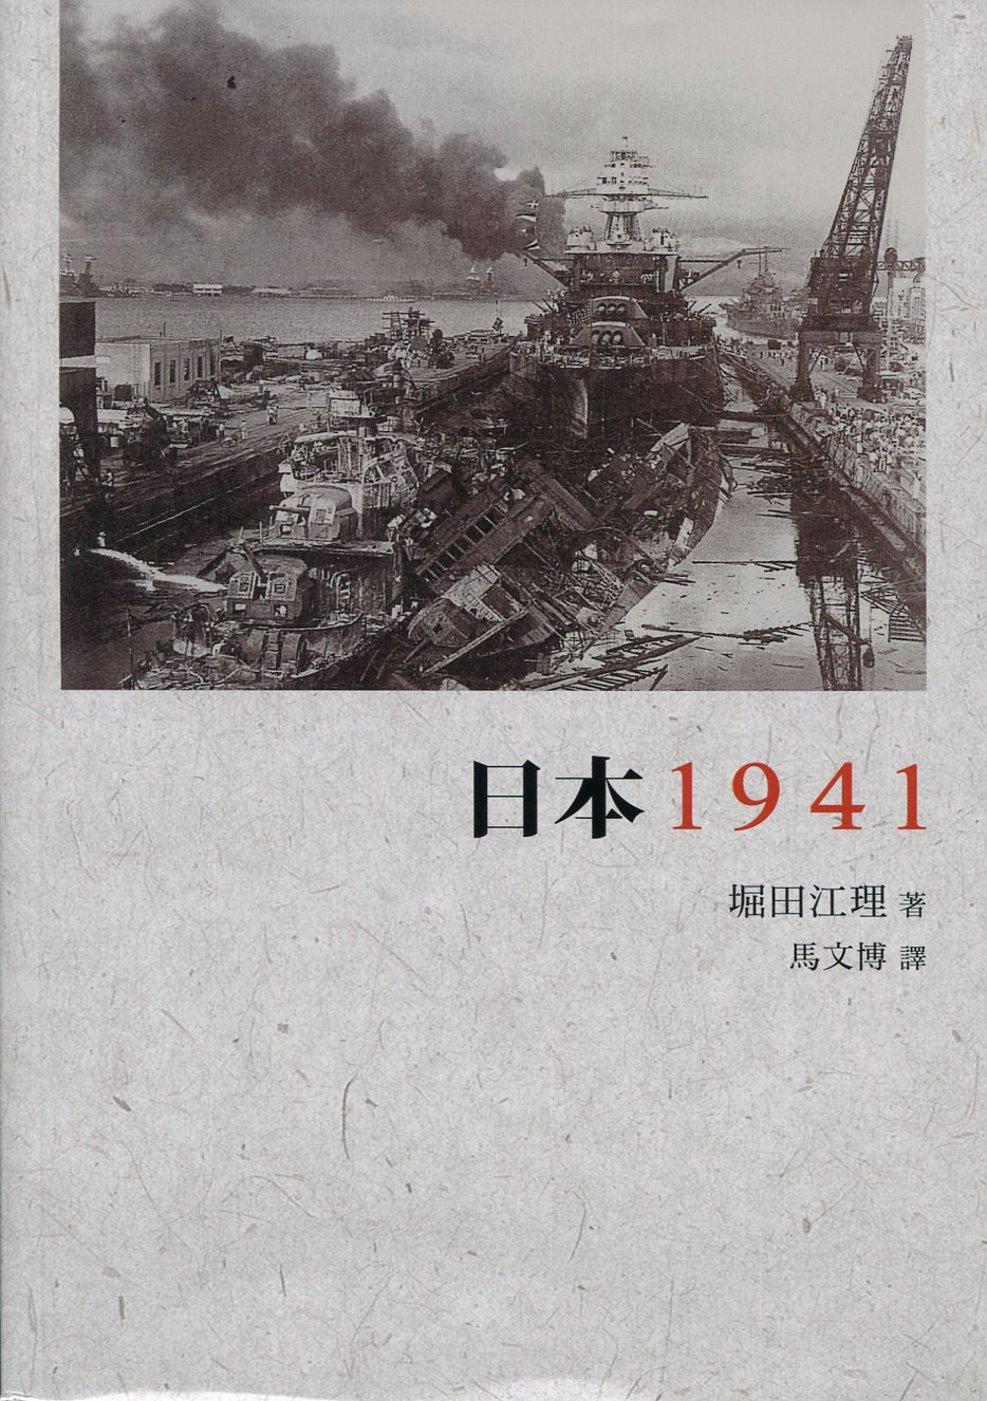 日本 1941